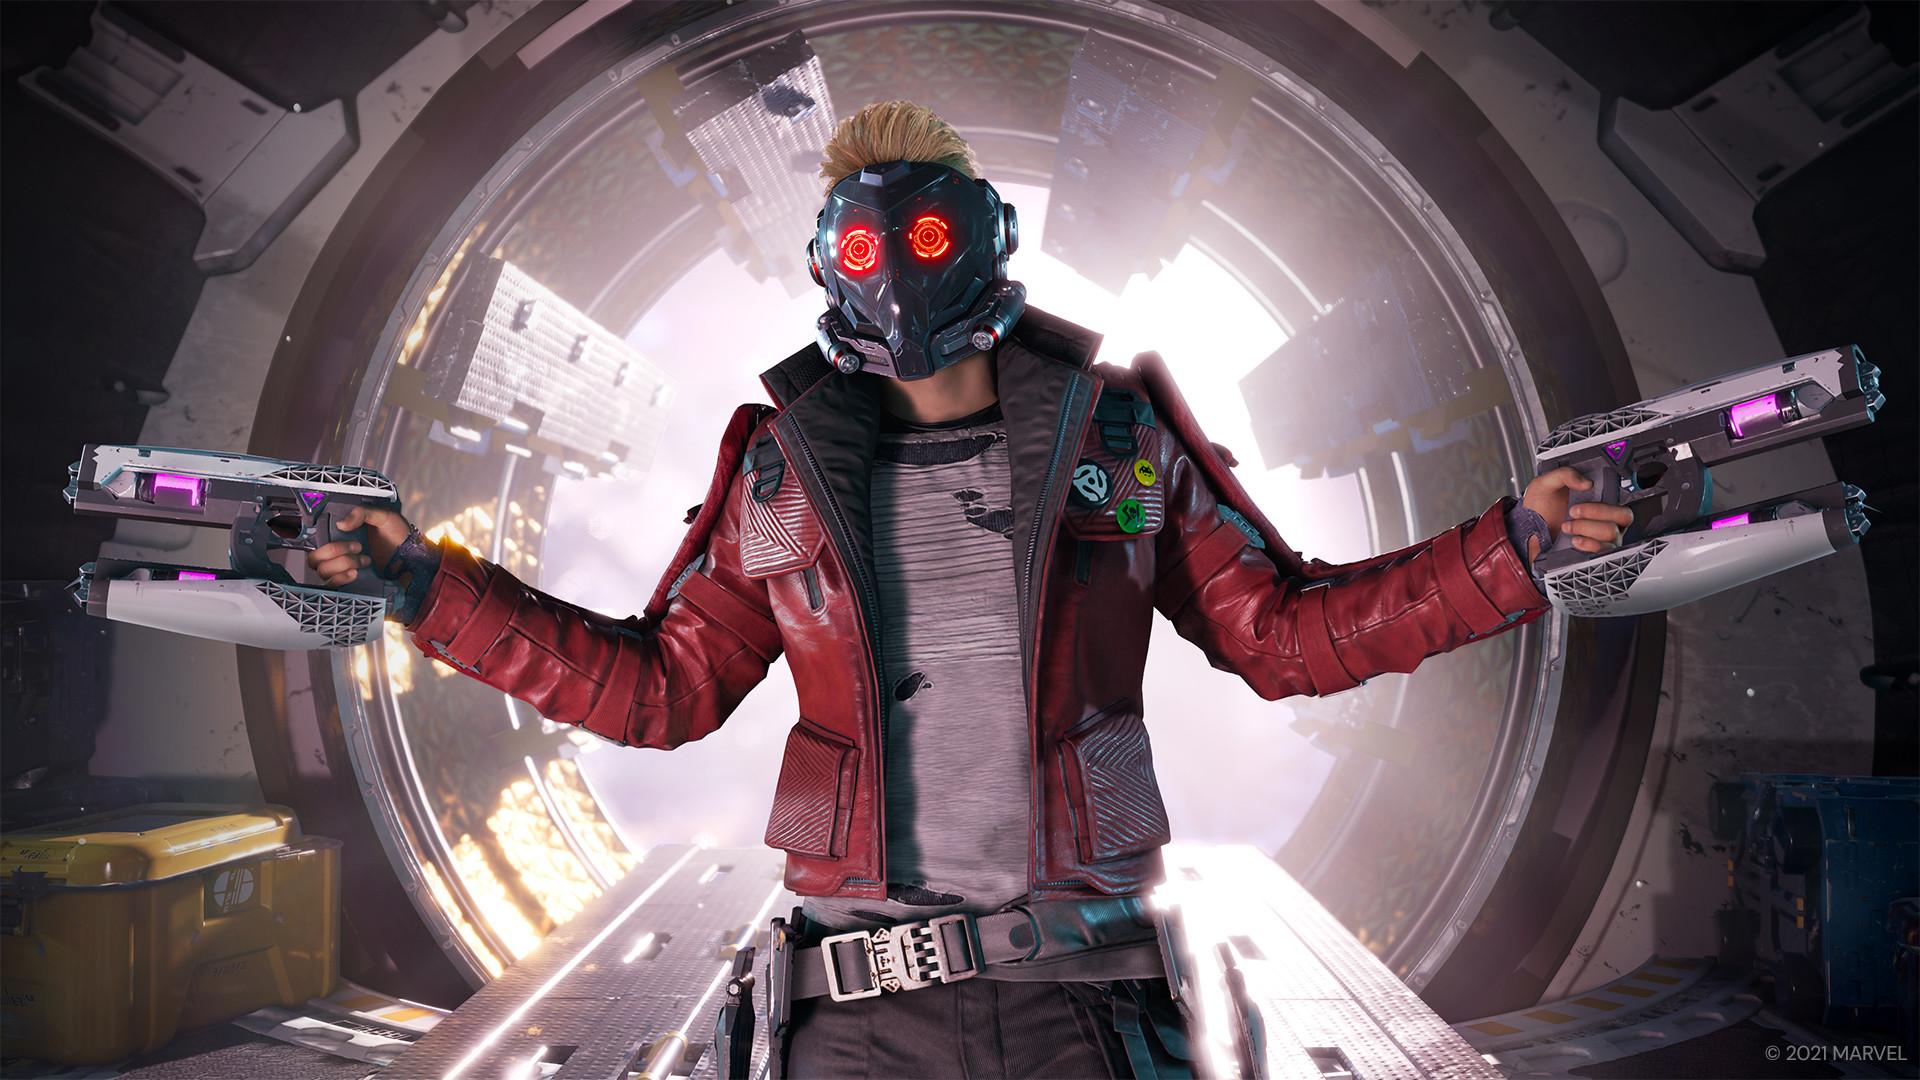 К боевику Marvel's Guardians of the Galaxy вышли 2 трейлера: в одном показан босс-файт, а в другом - набор скинов